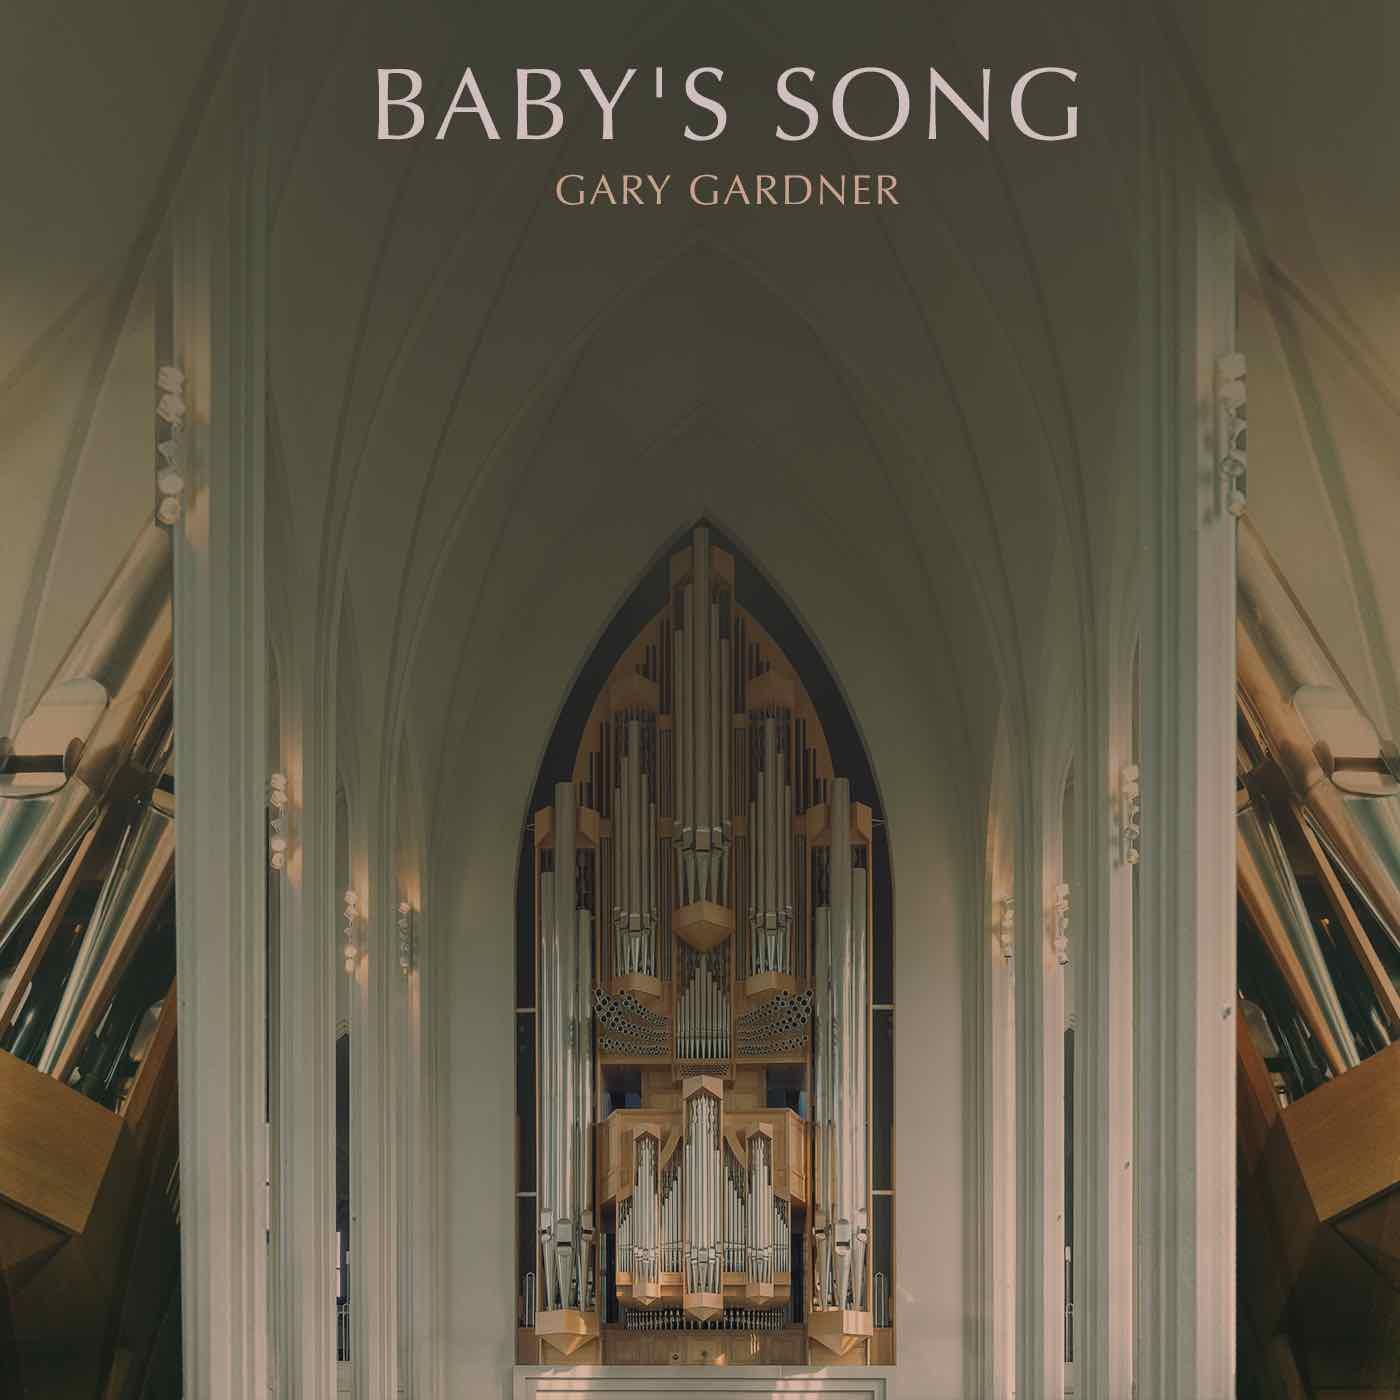 Babys-Song-Gary-Gardner